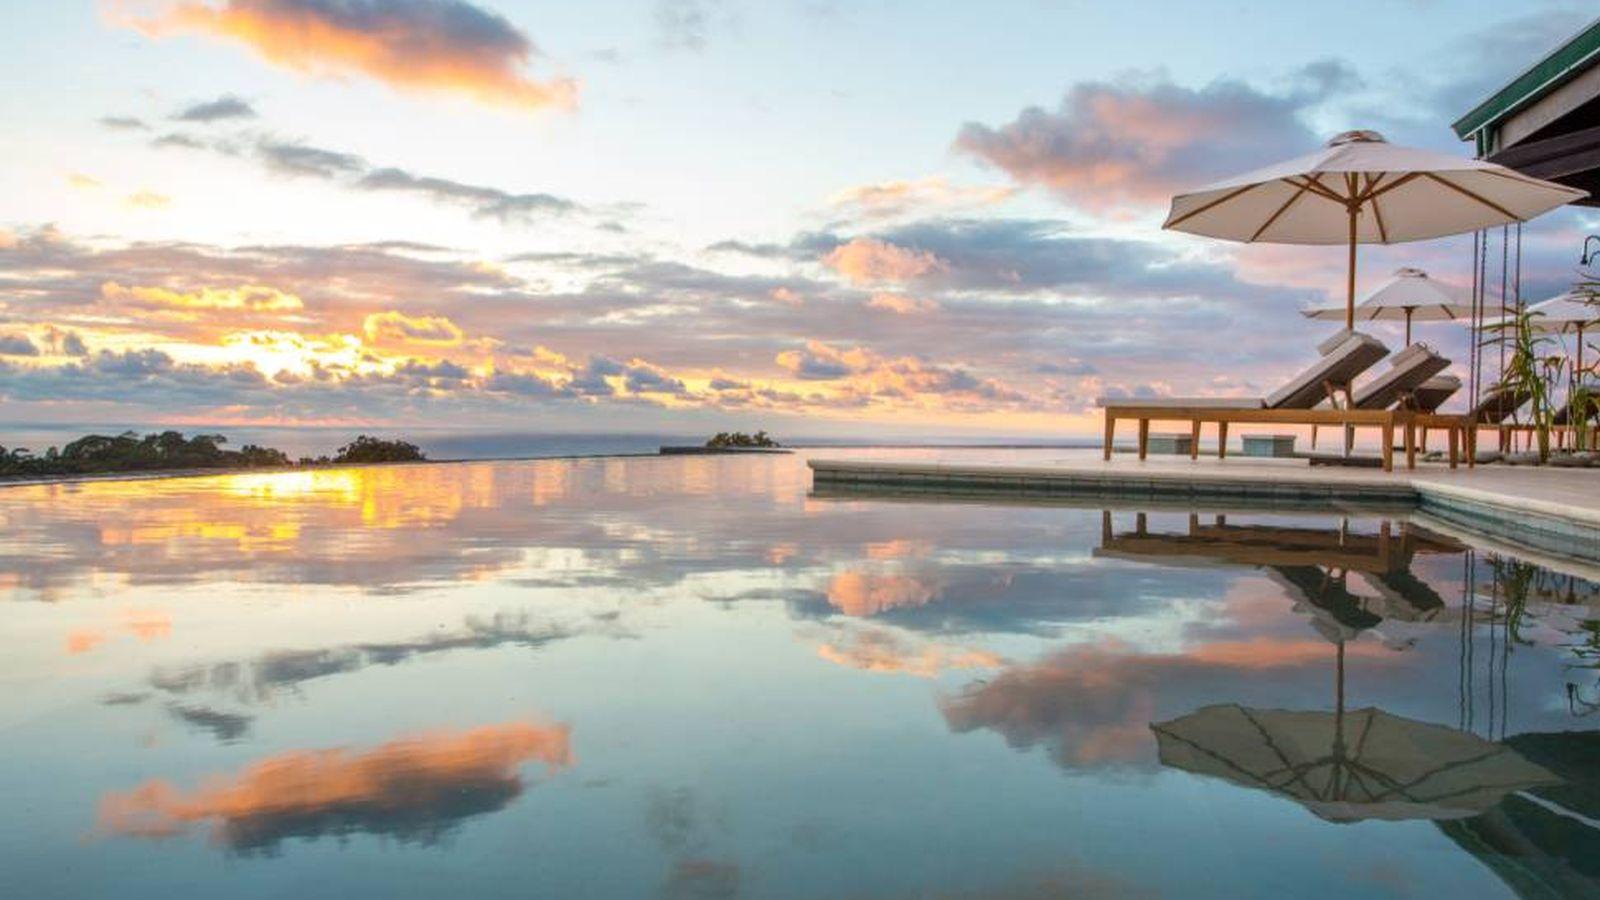 Foto: ¿Te imaginas estar aquí? Es el hotel Three Sixty de Costa Rica. (Foto: Cortesía)